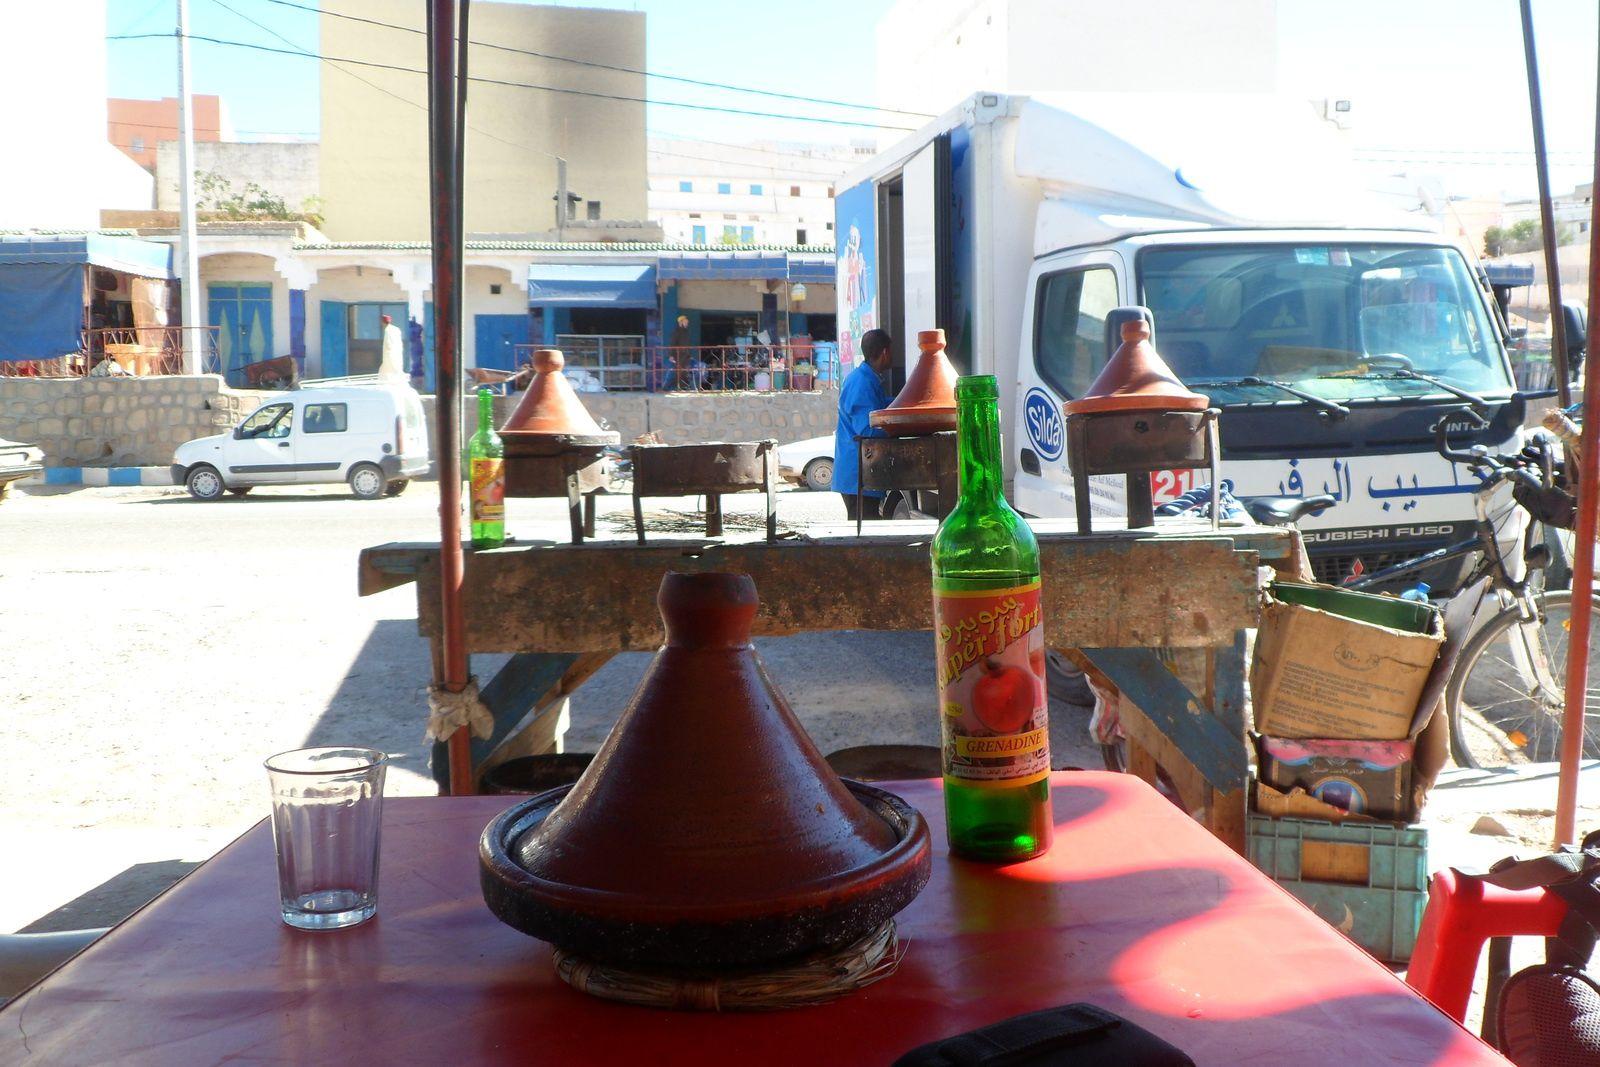 de marrakech à tanger, une belle parenthèse au maghreb